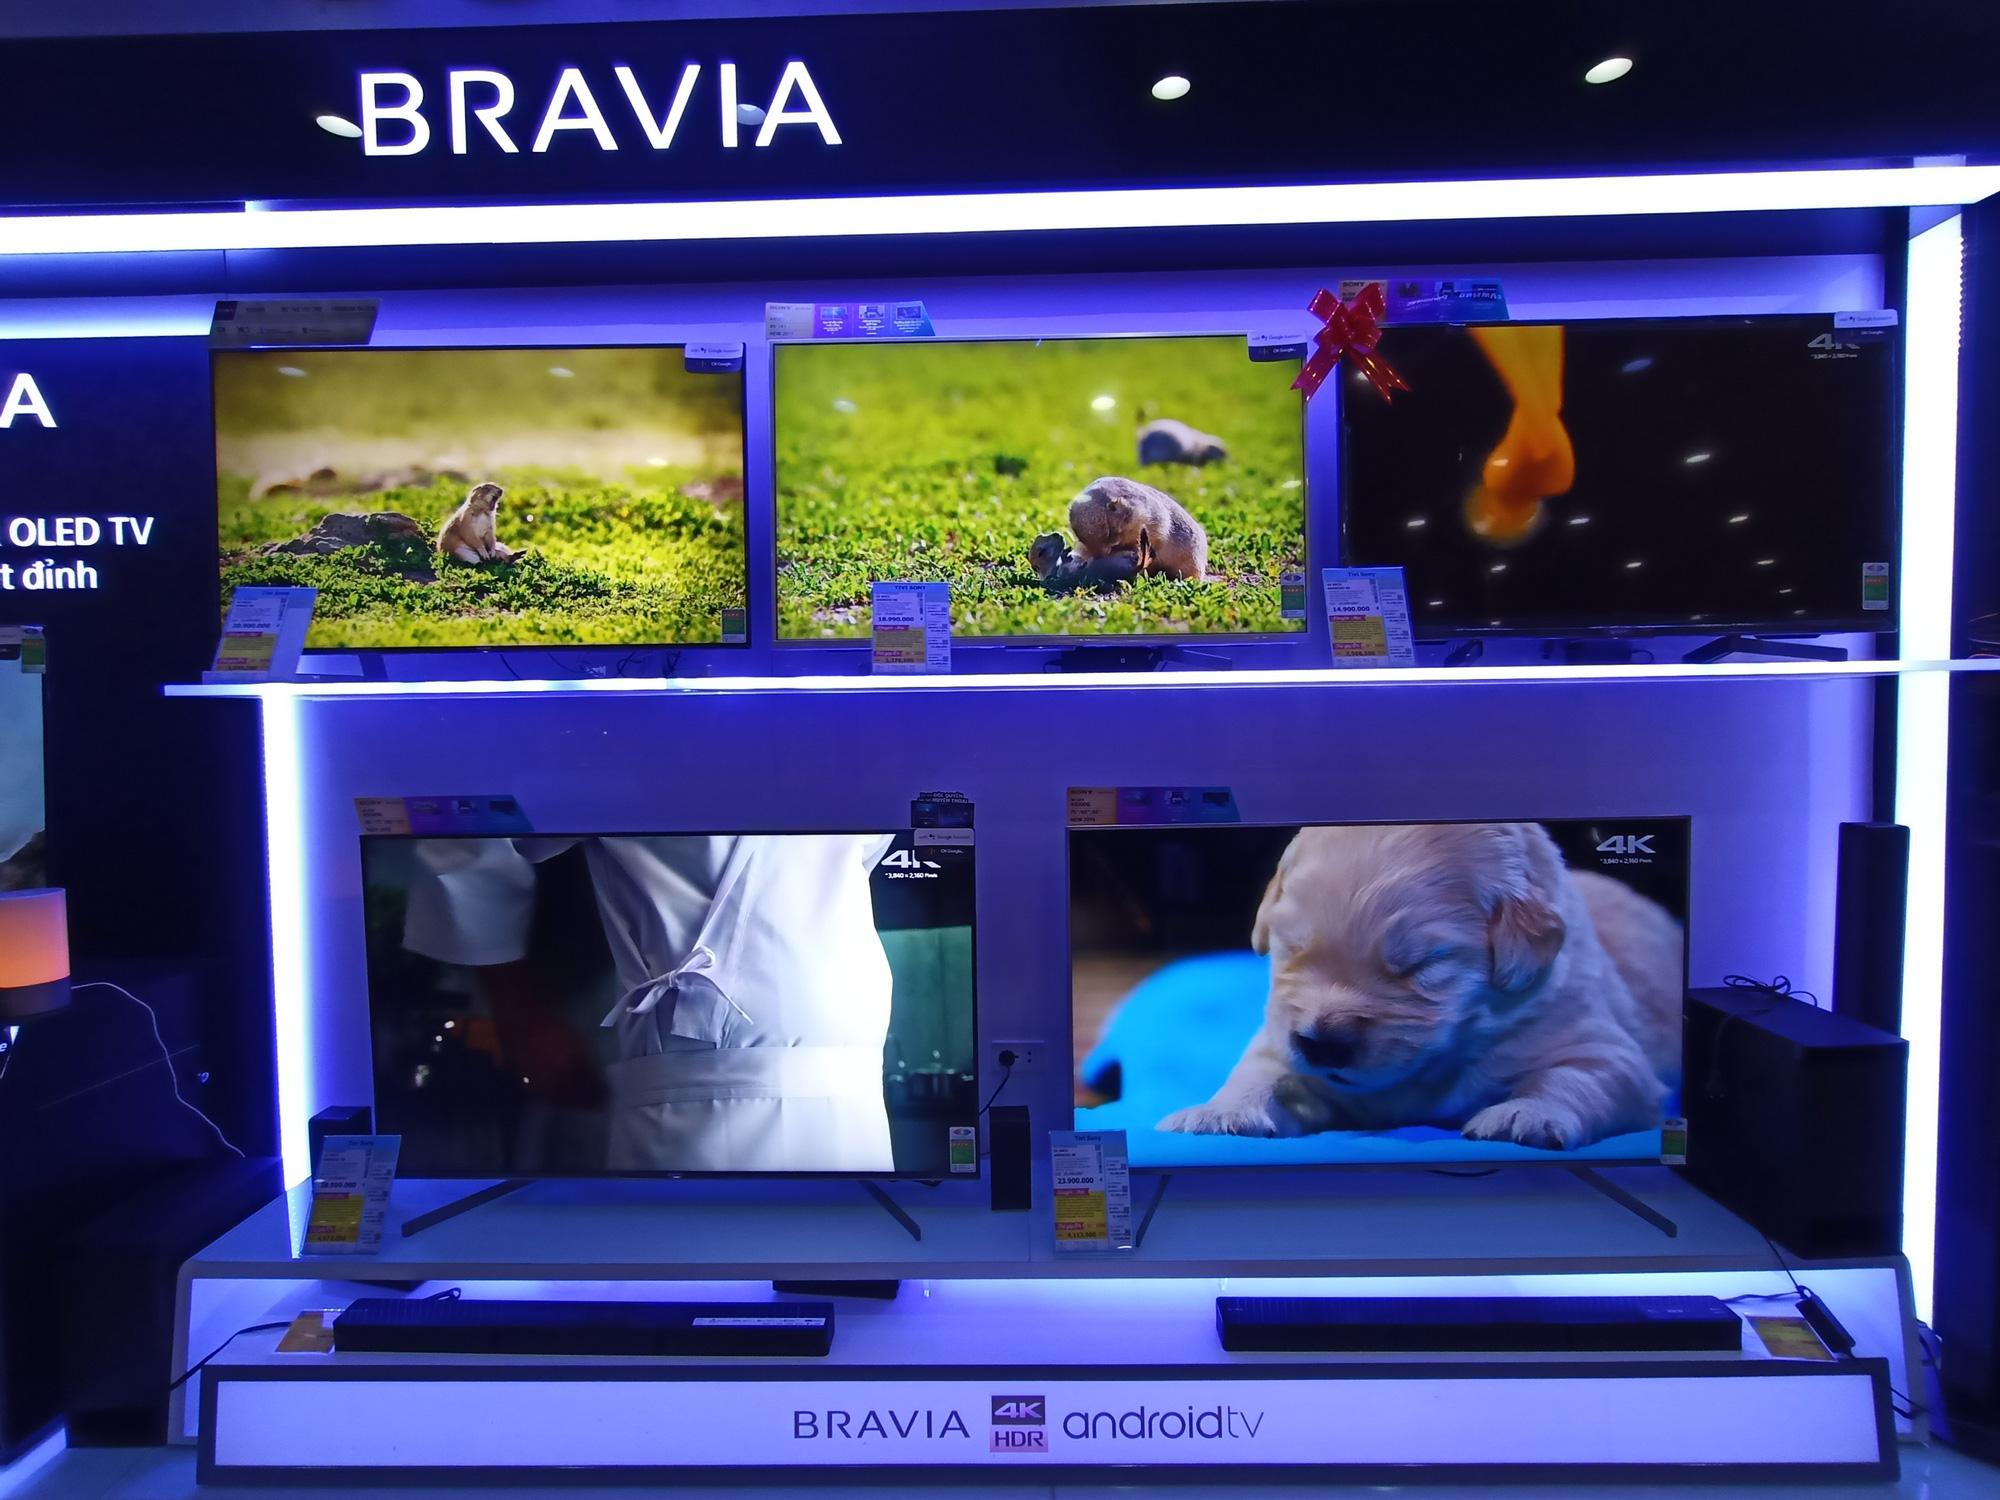 Tivi giảm giá tuần này: Thị trường vẫn nóng nhằm kích cầu mua sắm cho dịp Tết - Ảnh 2.